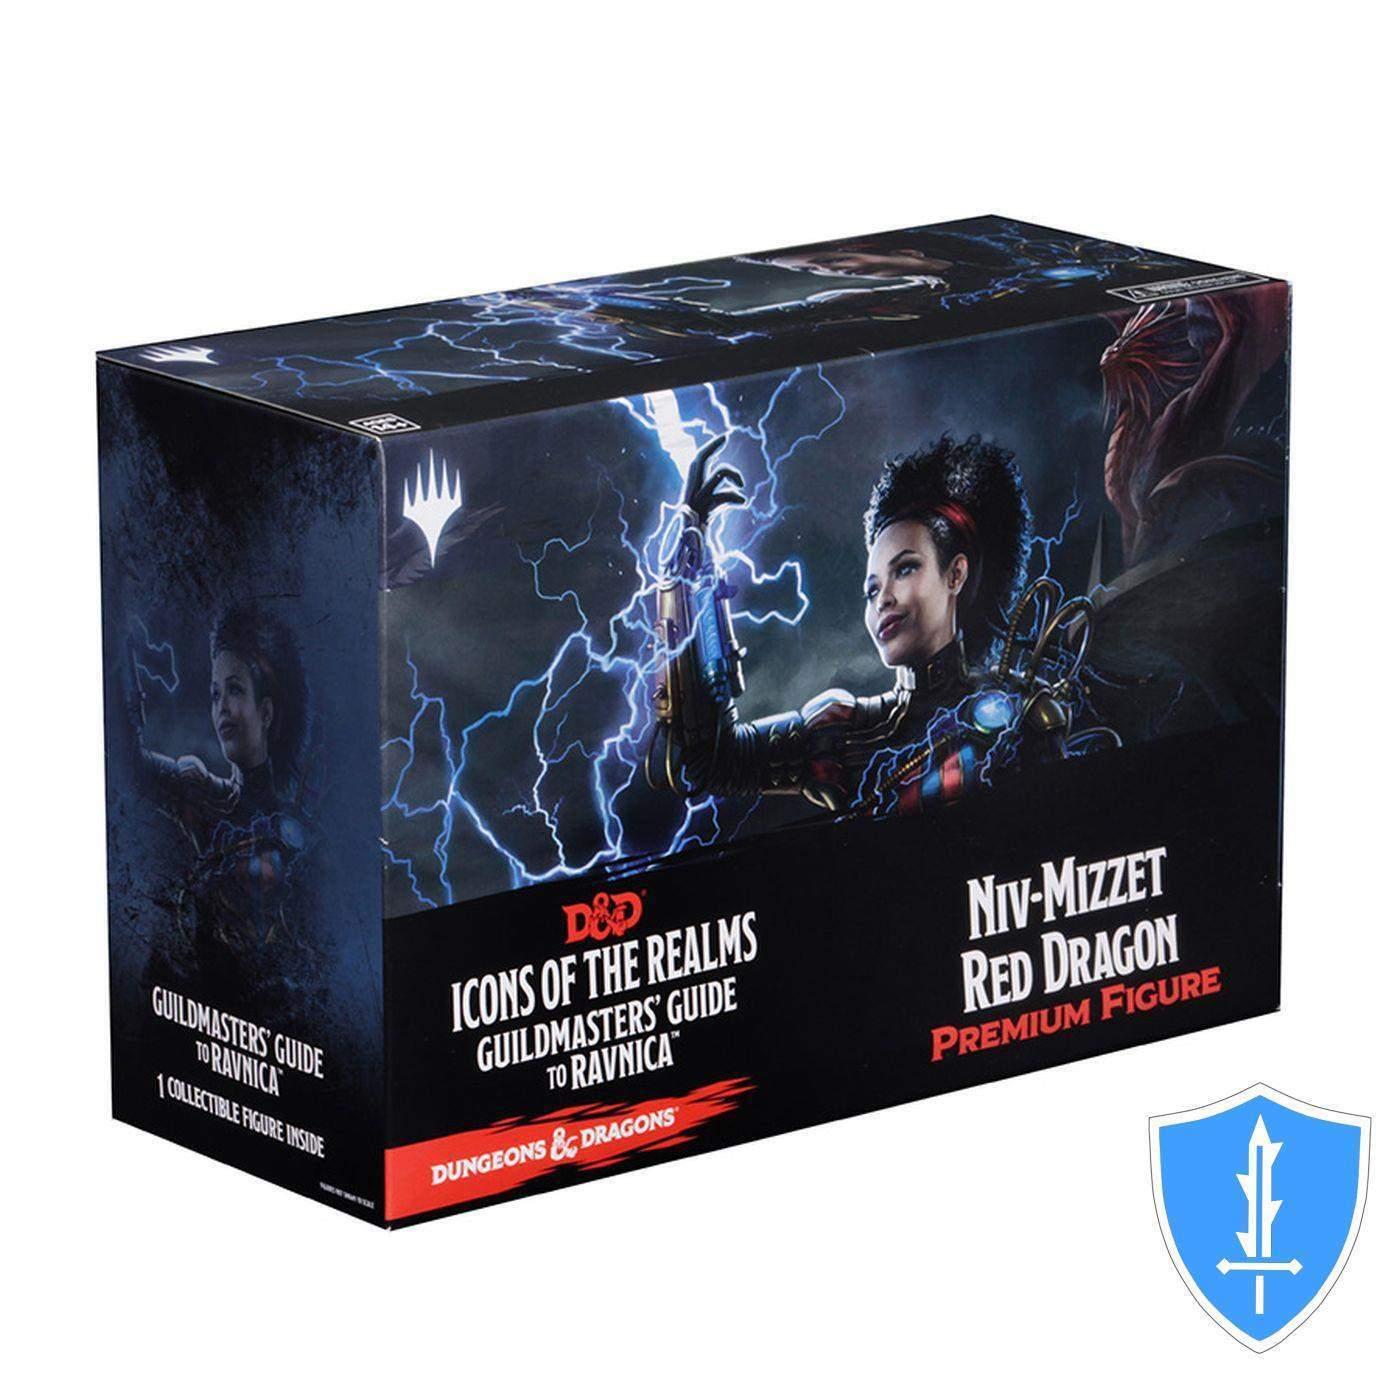 Mizzet hervor, roten drachen - guildmasters leitfaden ravnica d & d dungeons promo nib